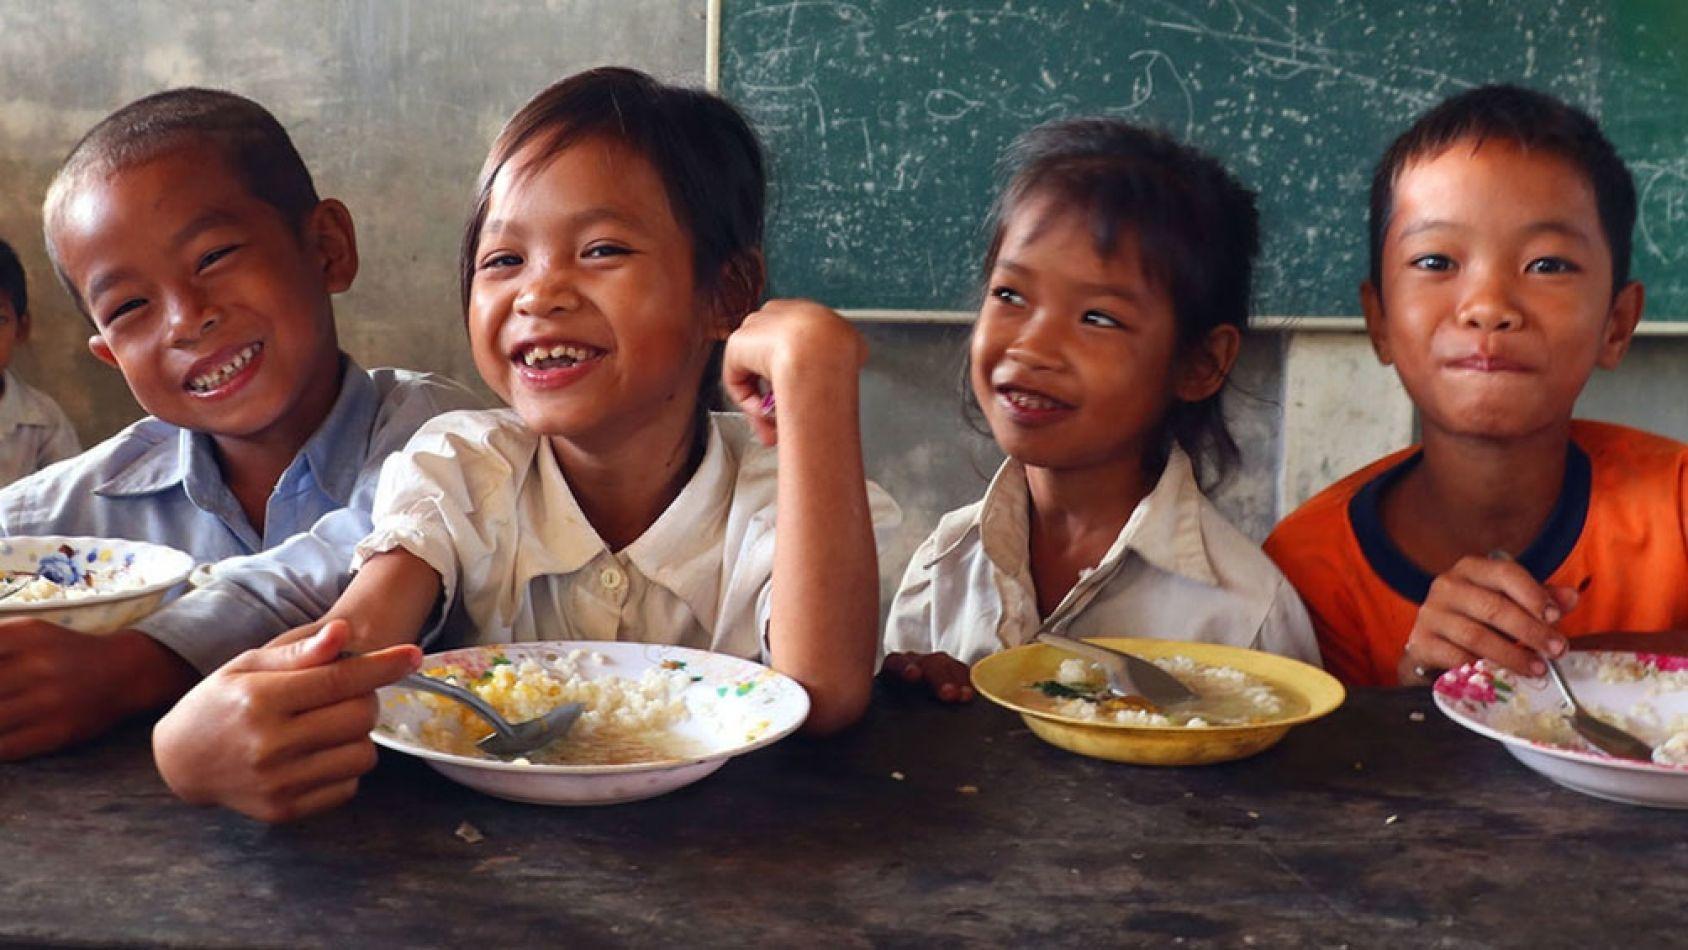 El premio Nobel de la Paz fue para el Programa Mundial de Alimentos de la ONU